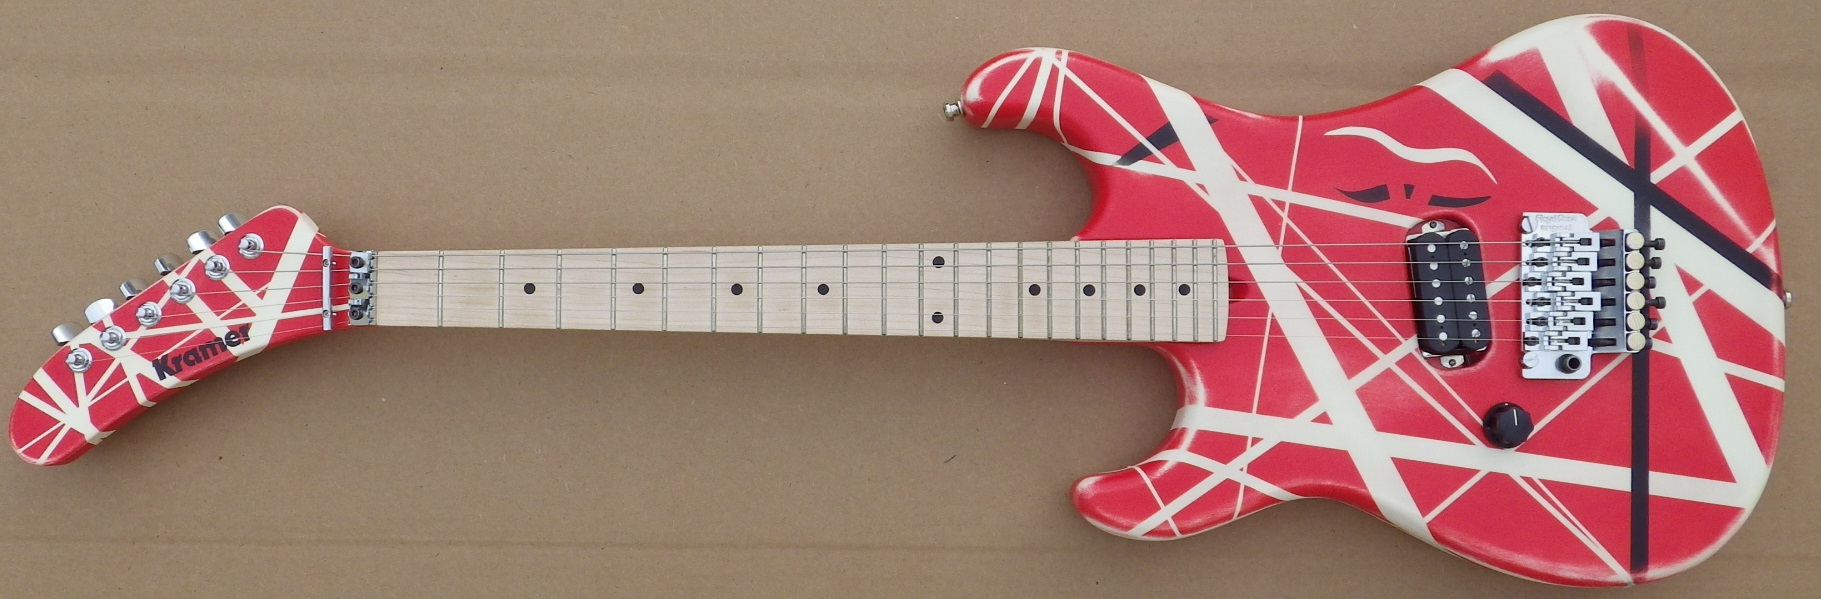 Mean Street paint job over GMW guitar Hot For Teacher Juan D pic 1.jpg